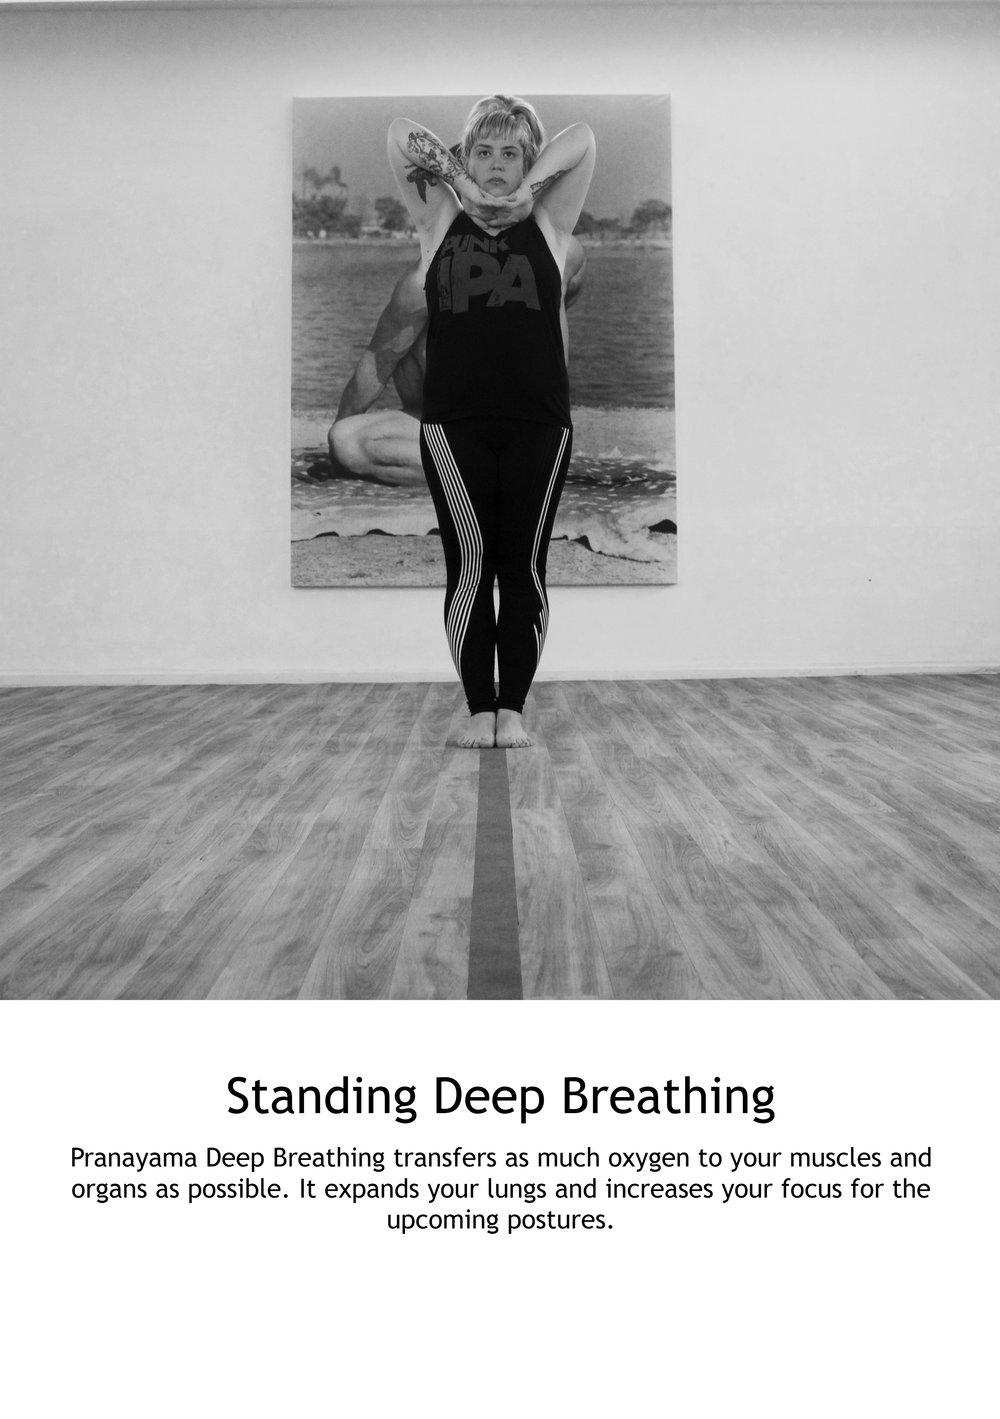 Standing Deep Breathing